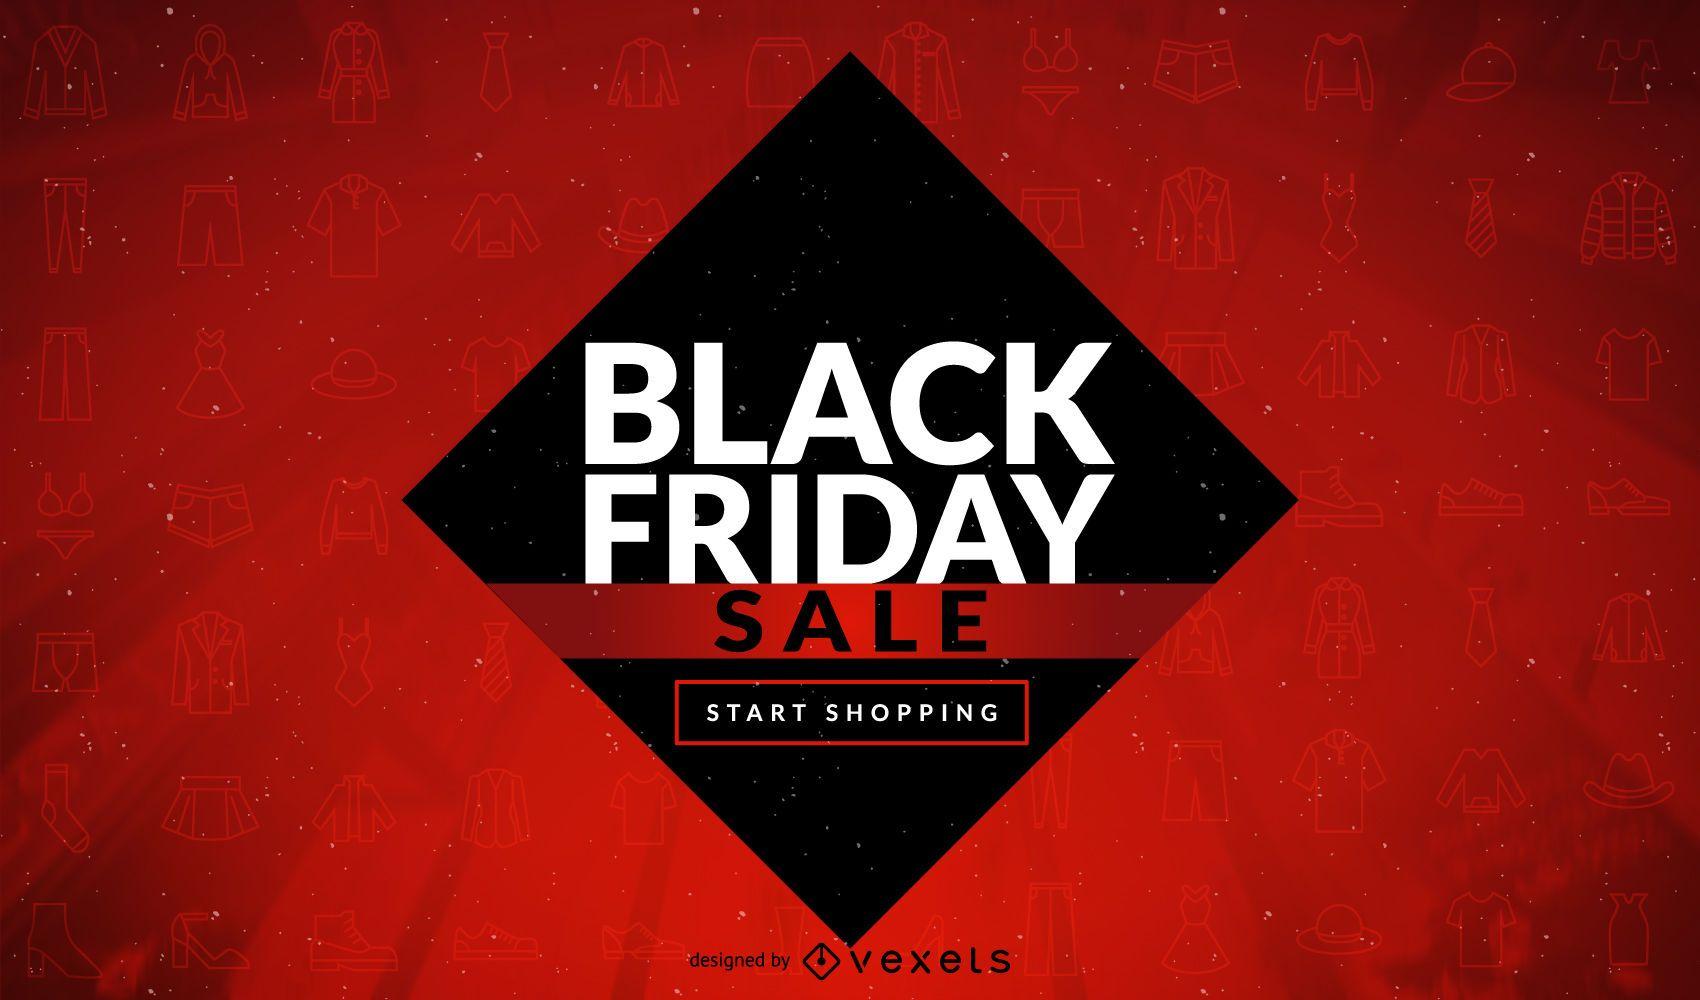 Black Friday Sale Warning Design